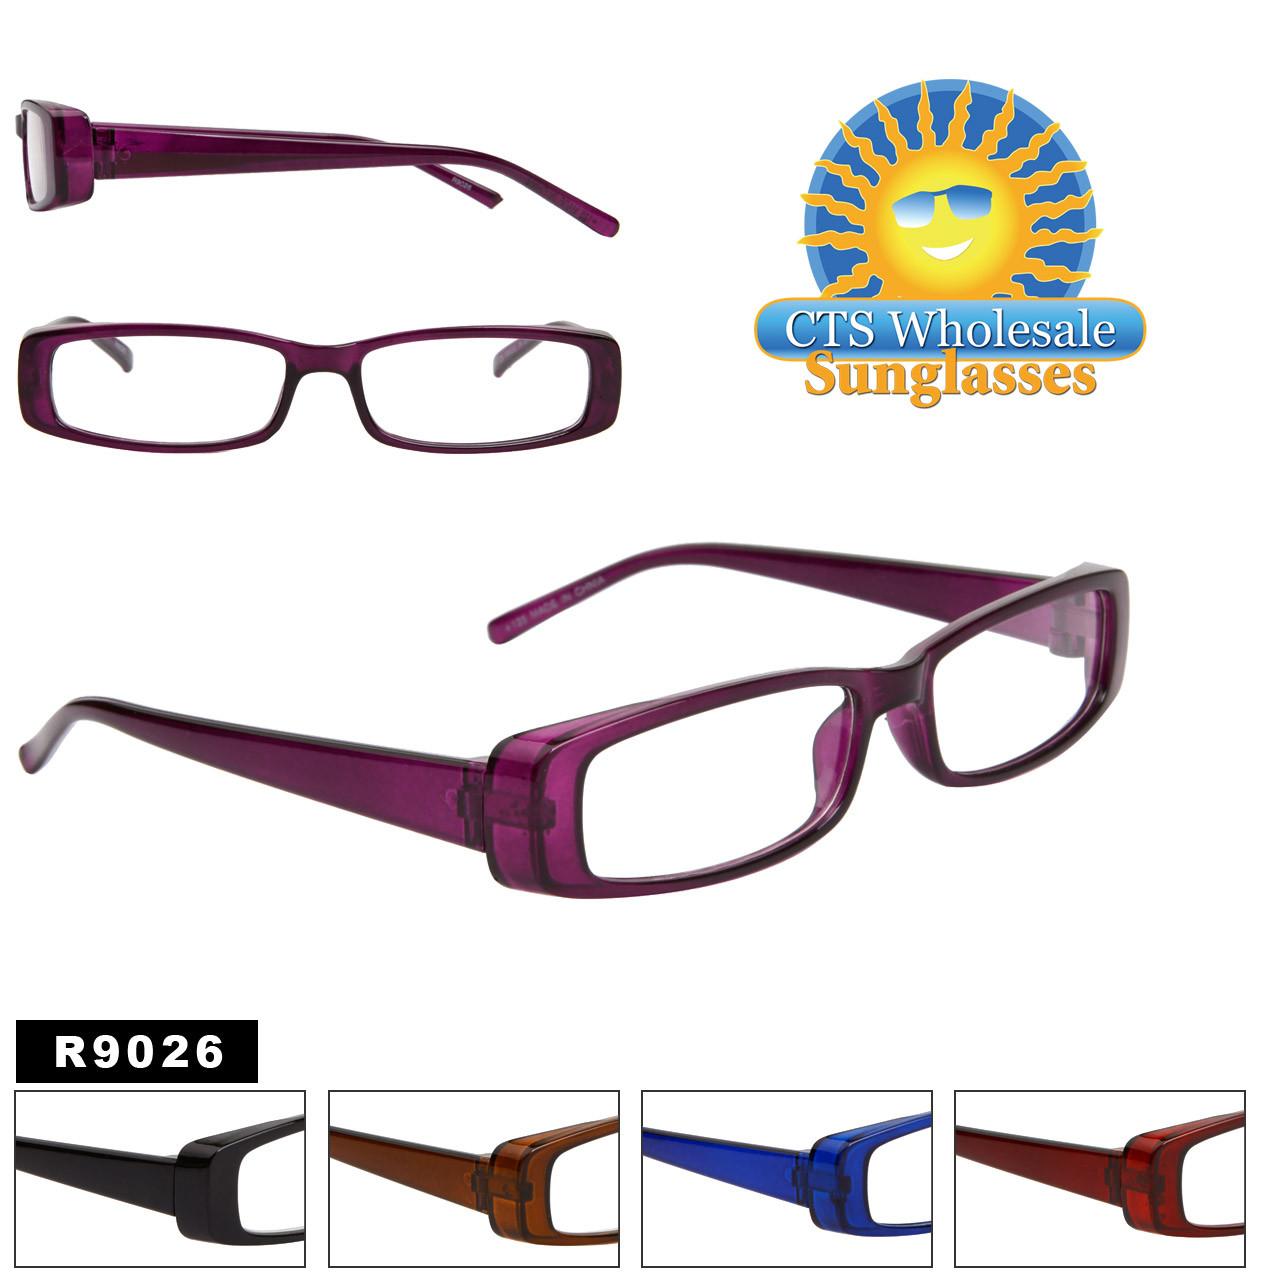 8d224e5b1cc Wholesale Reading Glasses Distributor